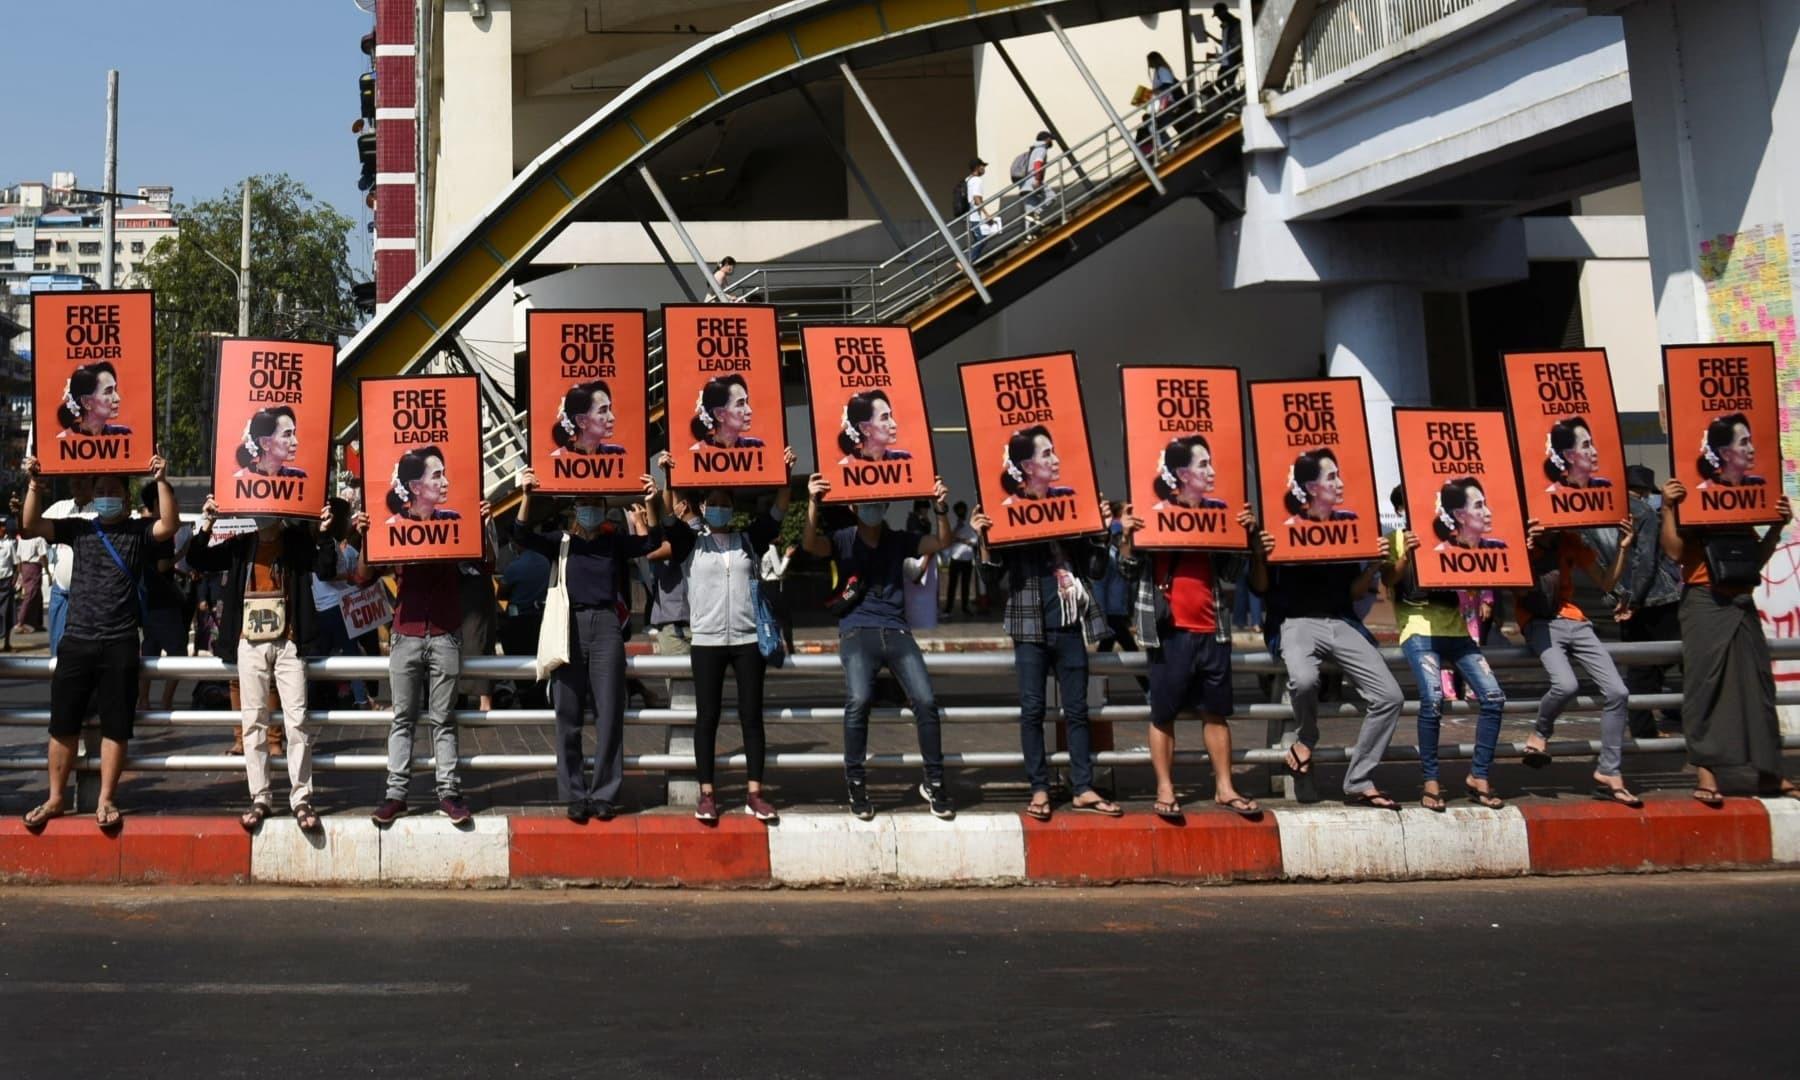 عوام نے احتجاج کے دوران فوج مخالف اور آنگ سان سوچی کے پورٹریٹ لے کر کھڑے ہیں—فوٹؤ: رائٹرز